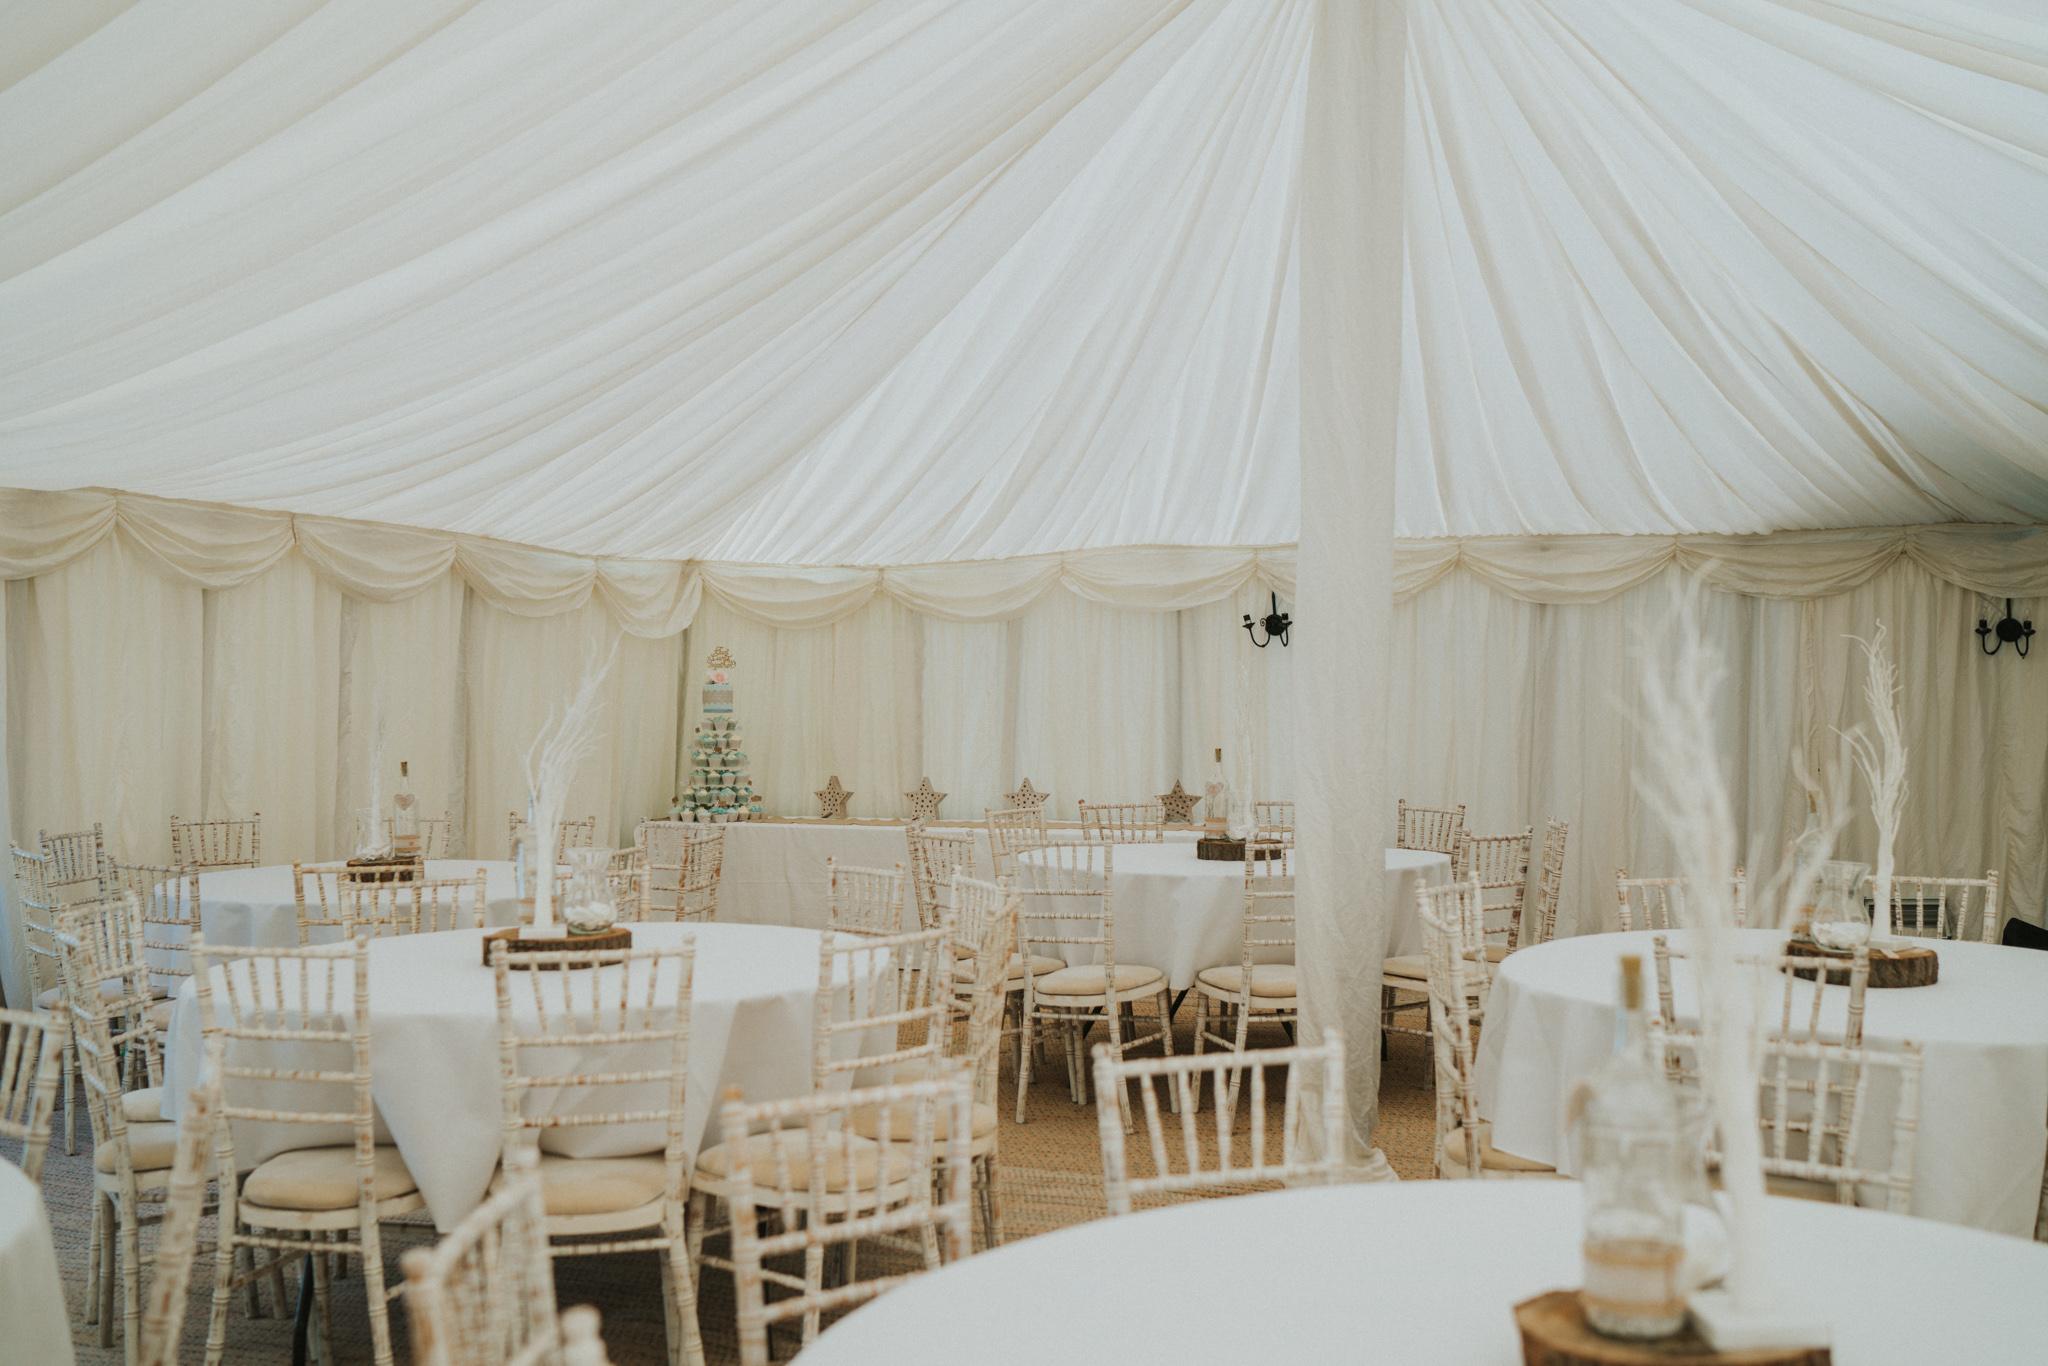 steph-neil-red-brick-barn-rochford-wedding-grace-elizabeth-colchester-essex-alternative-wedding-photographer-essex-suffolk-norfolk-devon (22 of 43).jpg